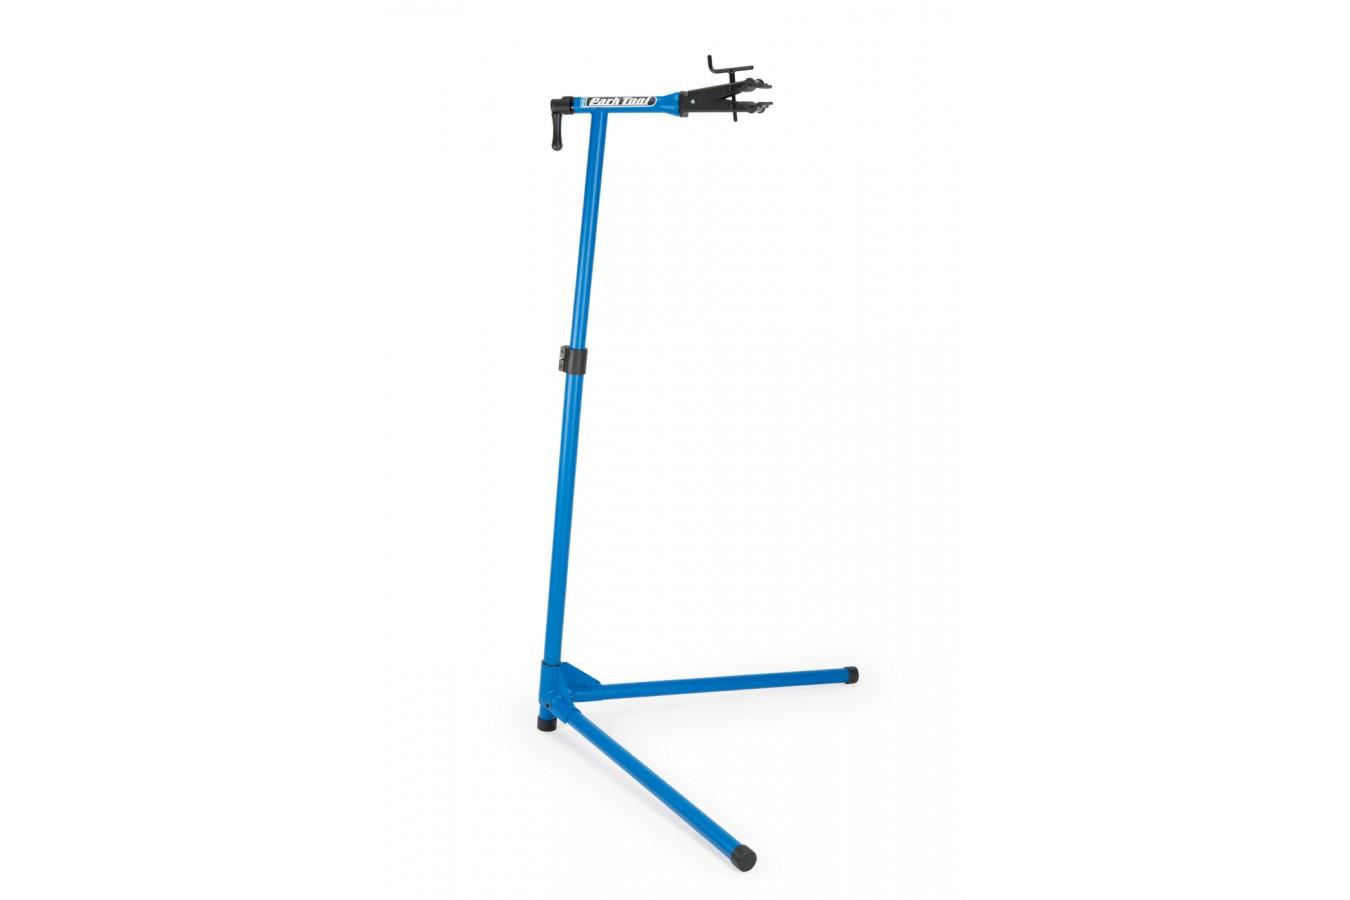 Suporte Manutenção Bicicletas Portátil PCS-9 - PARK TOOL